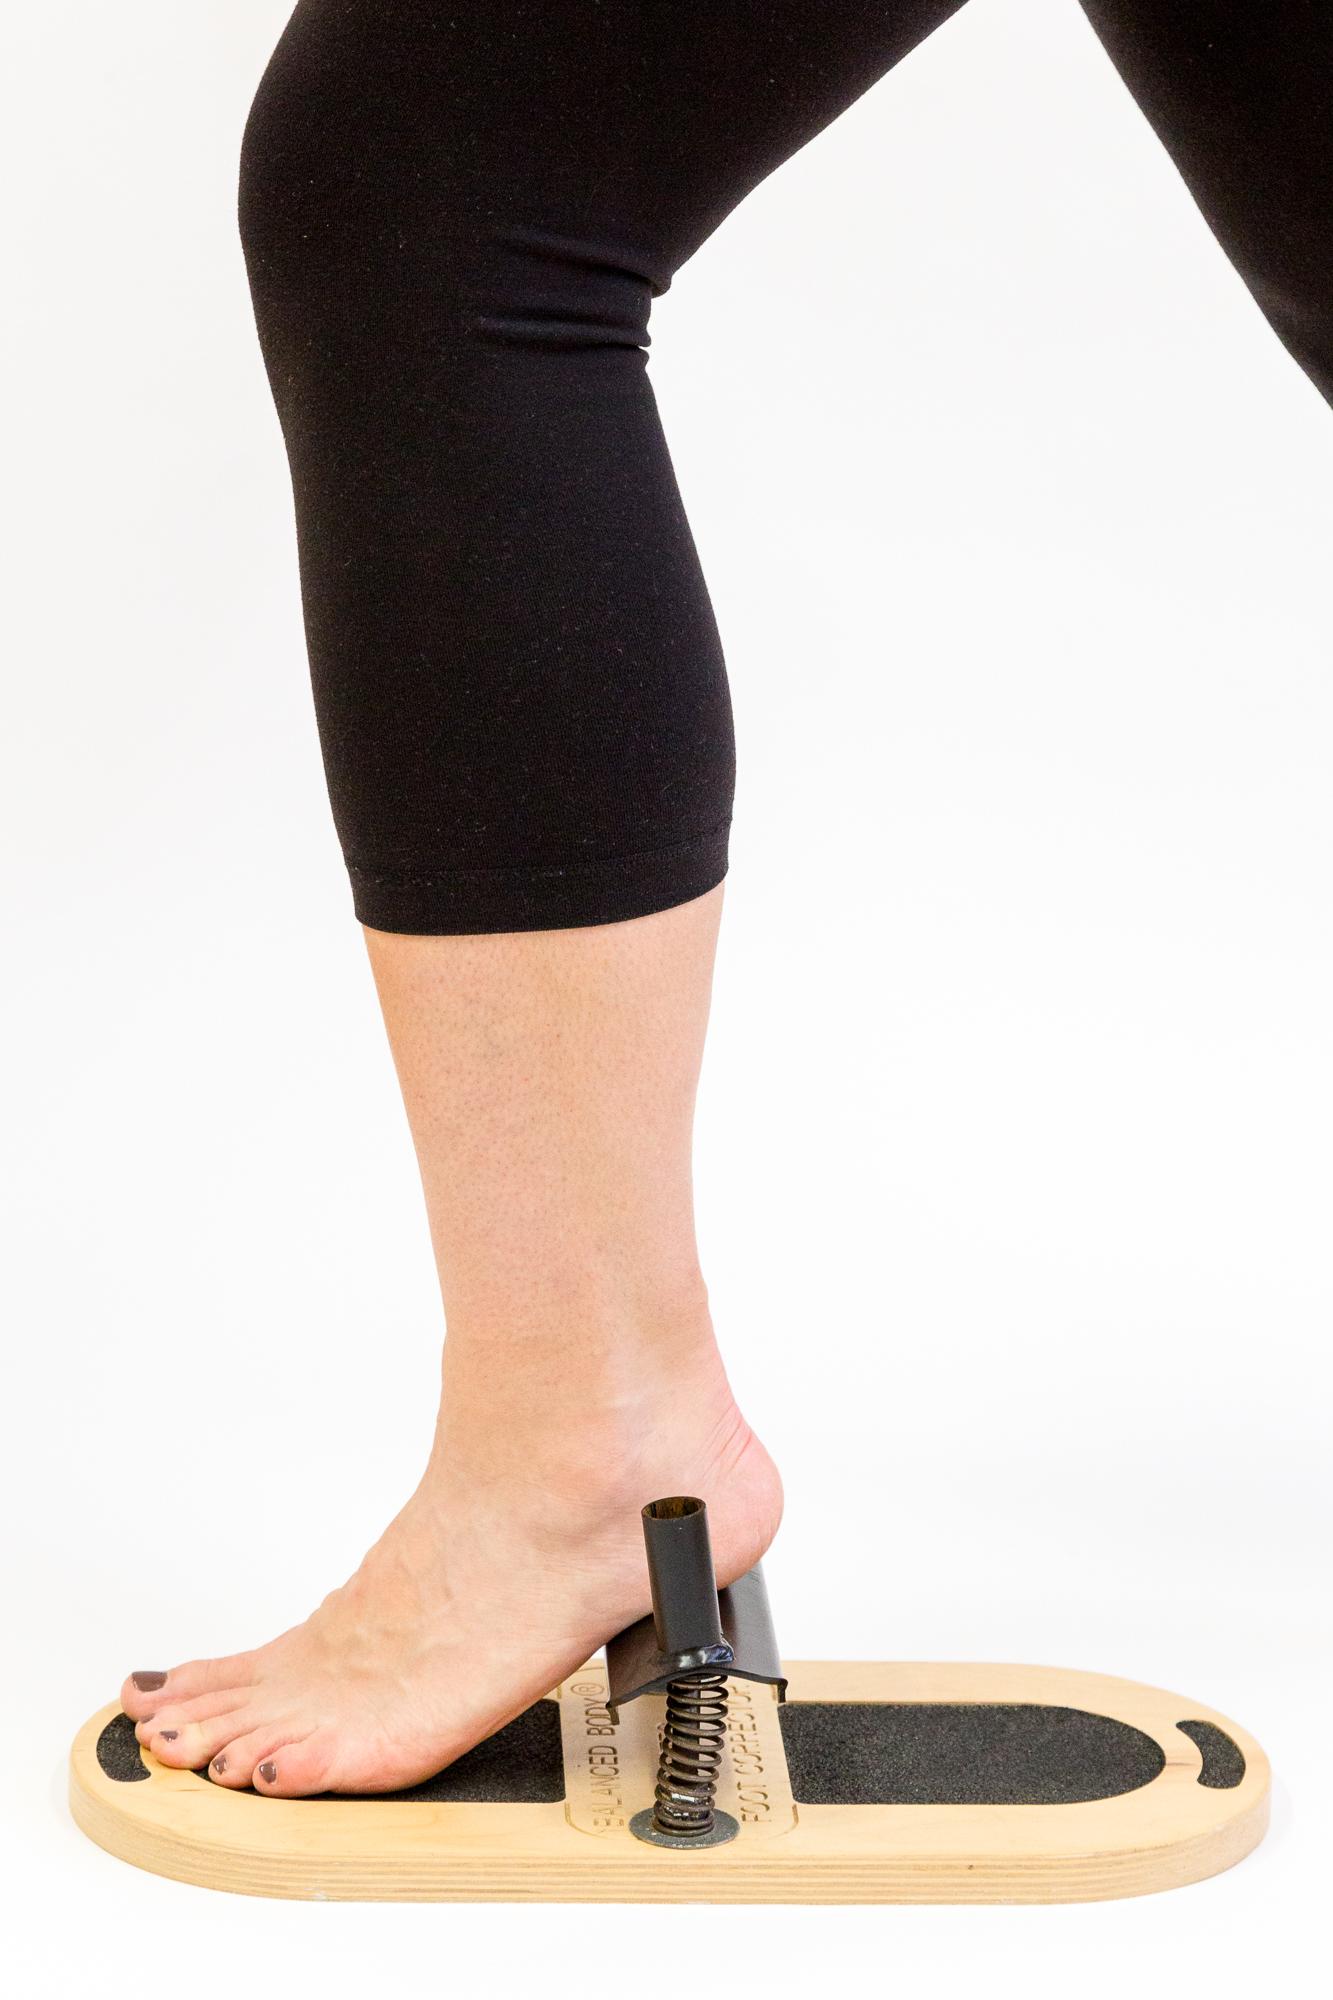 Foot Corrector - Heel